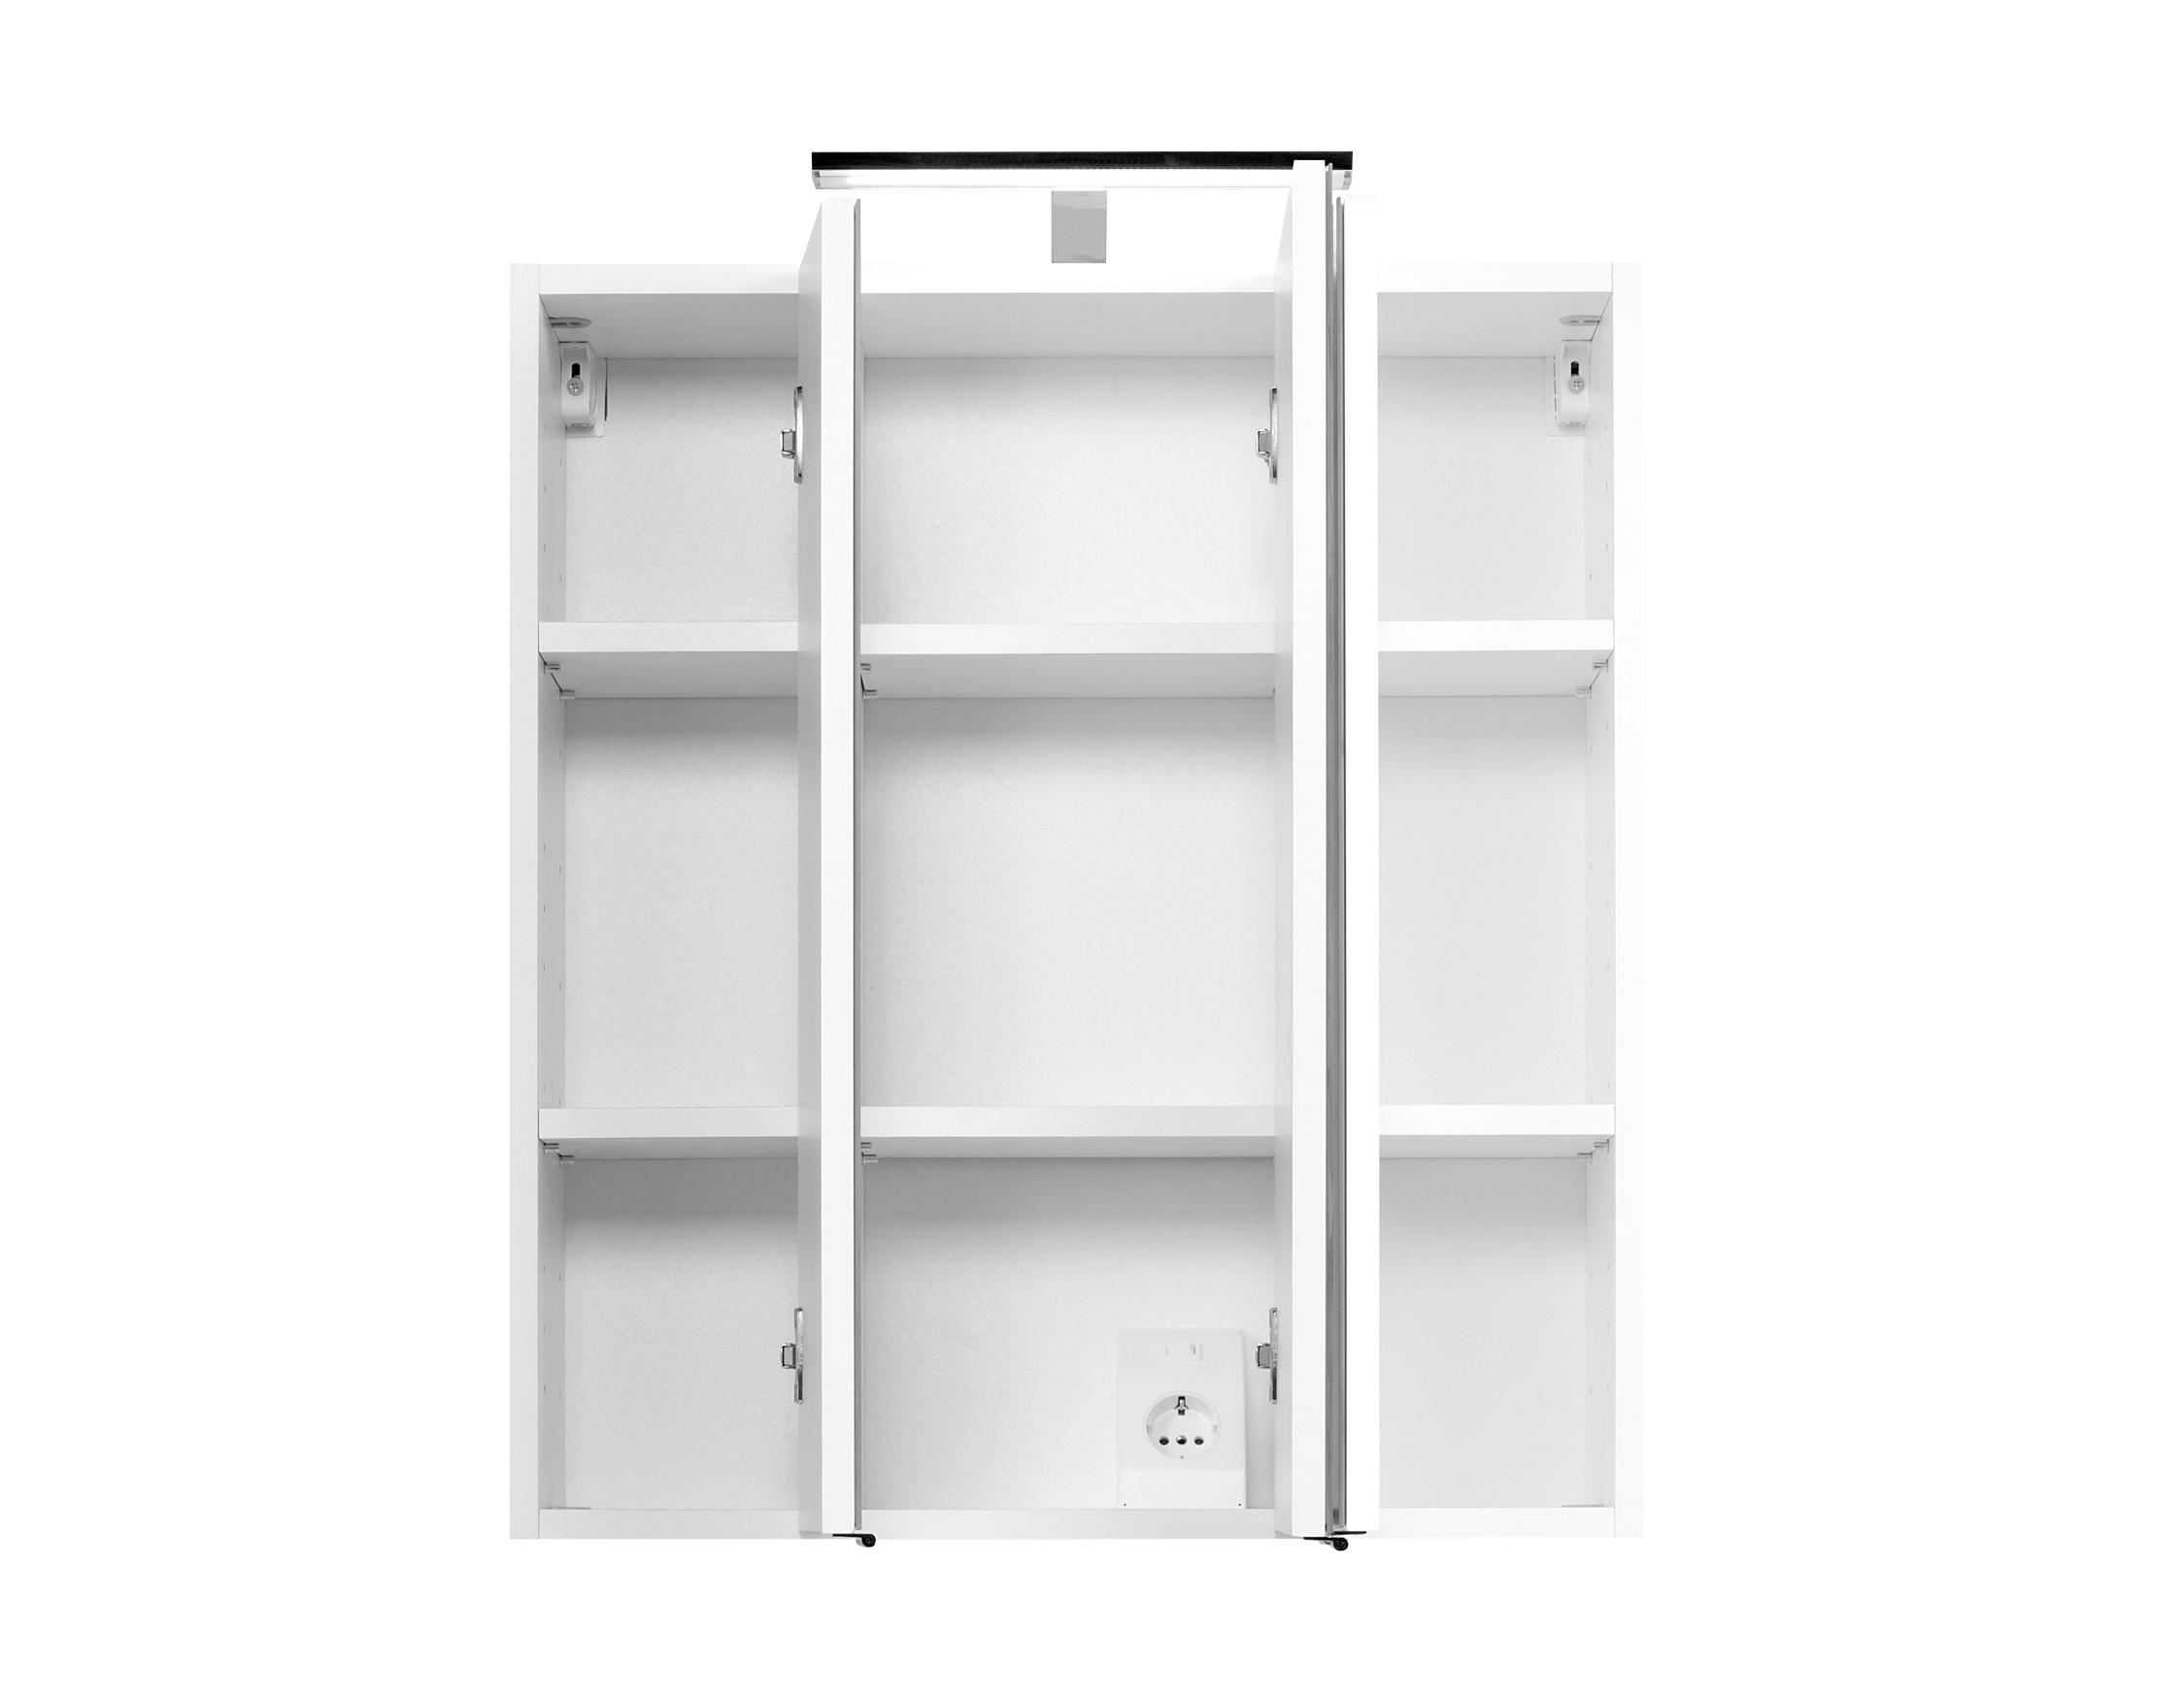 bad spiegelschrank phoenix 3 t rig mit beleuchtung 60 cm breit wei bad spiegelschr nke. Black Bedroom Furniture Sets. Home Design Ideas